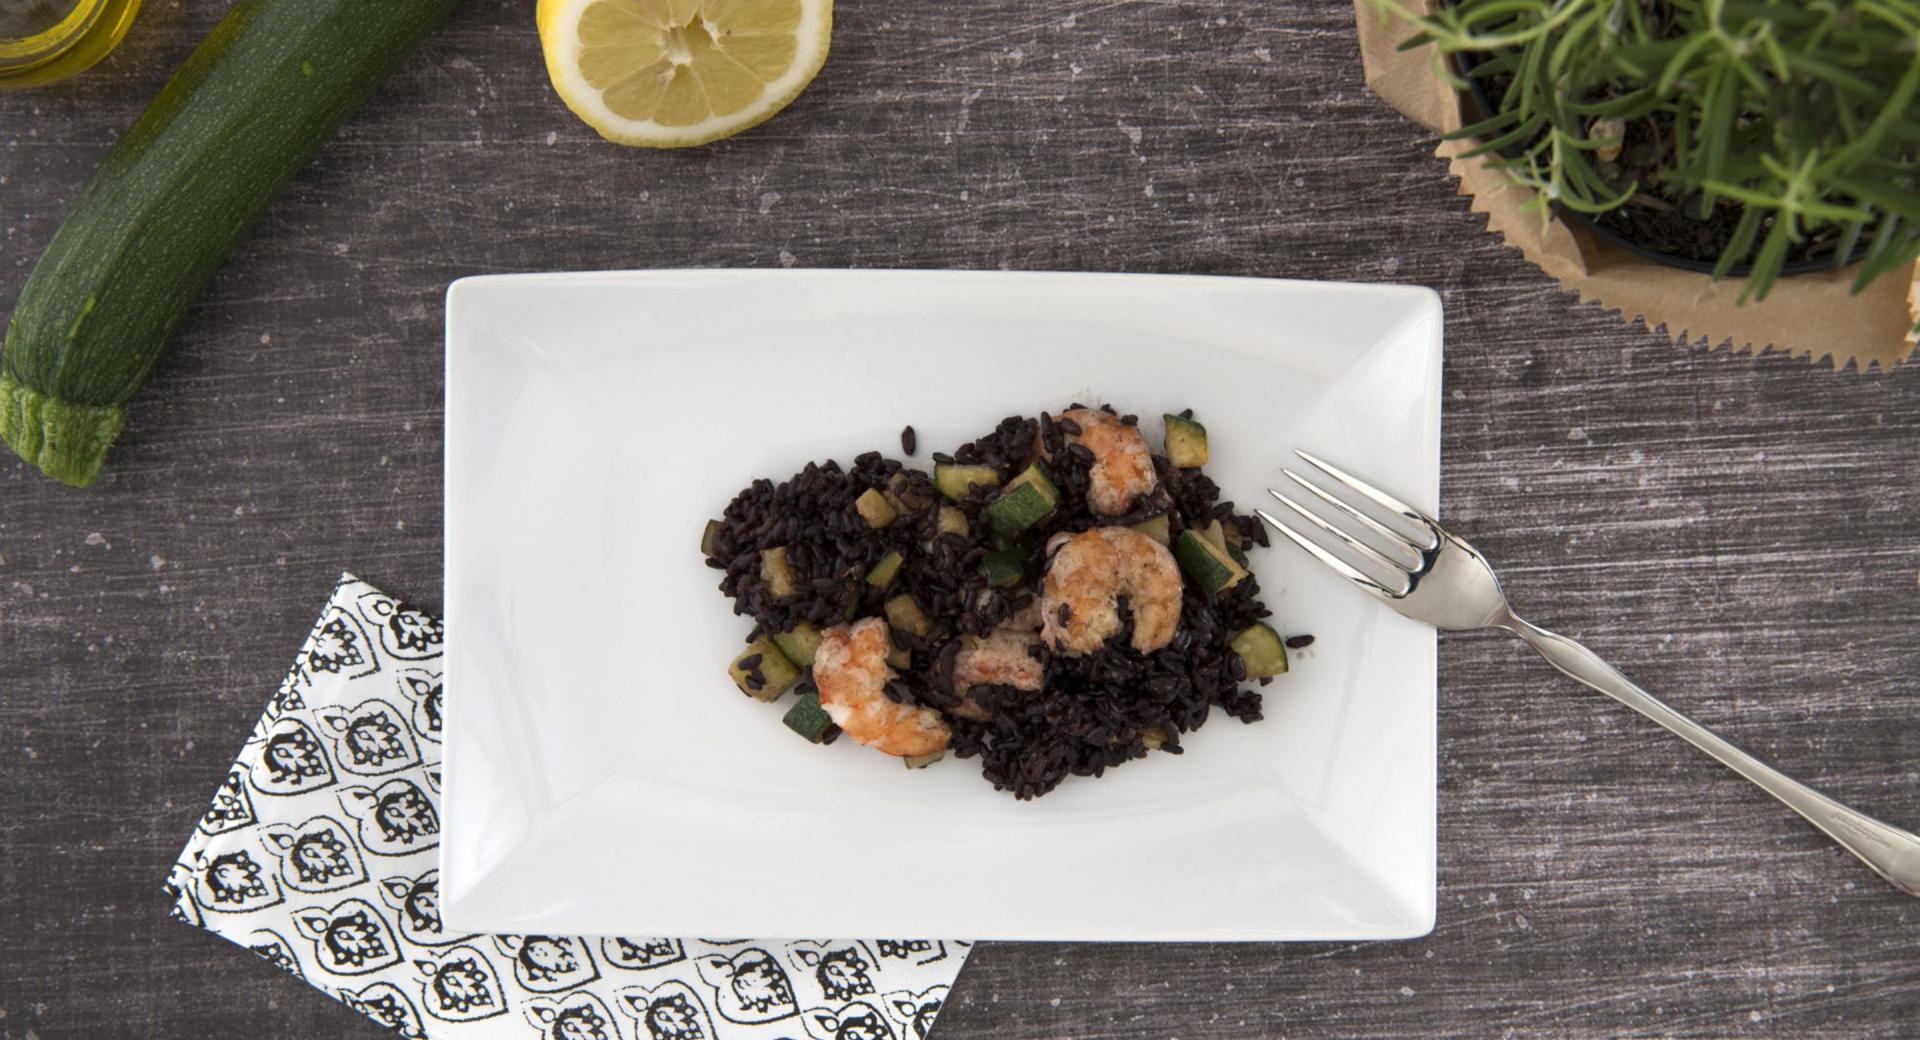 Black rice with zucchini and prawns